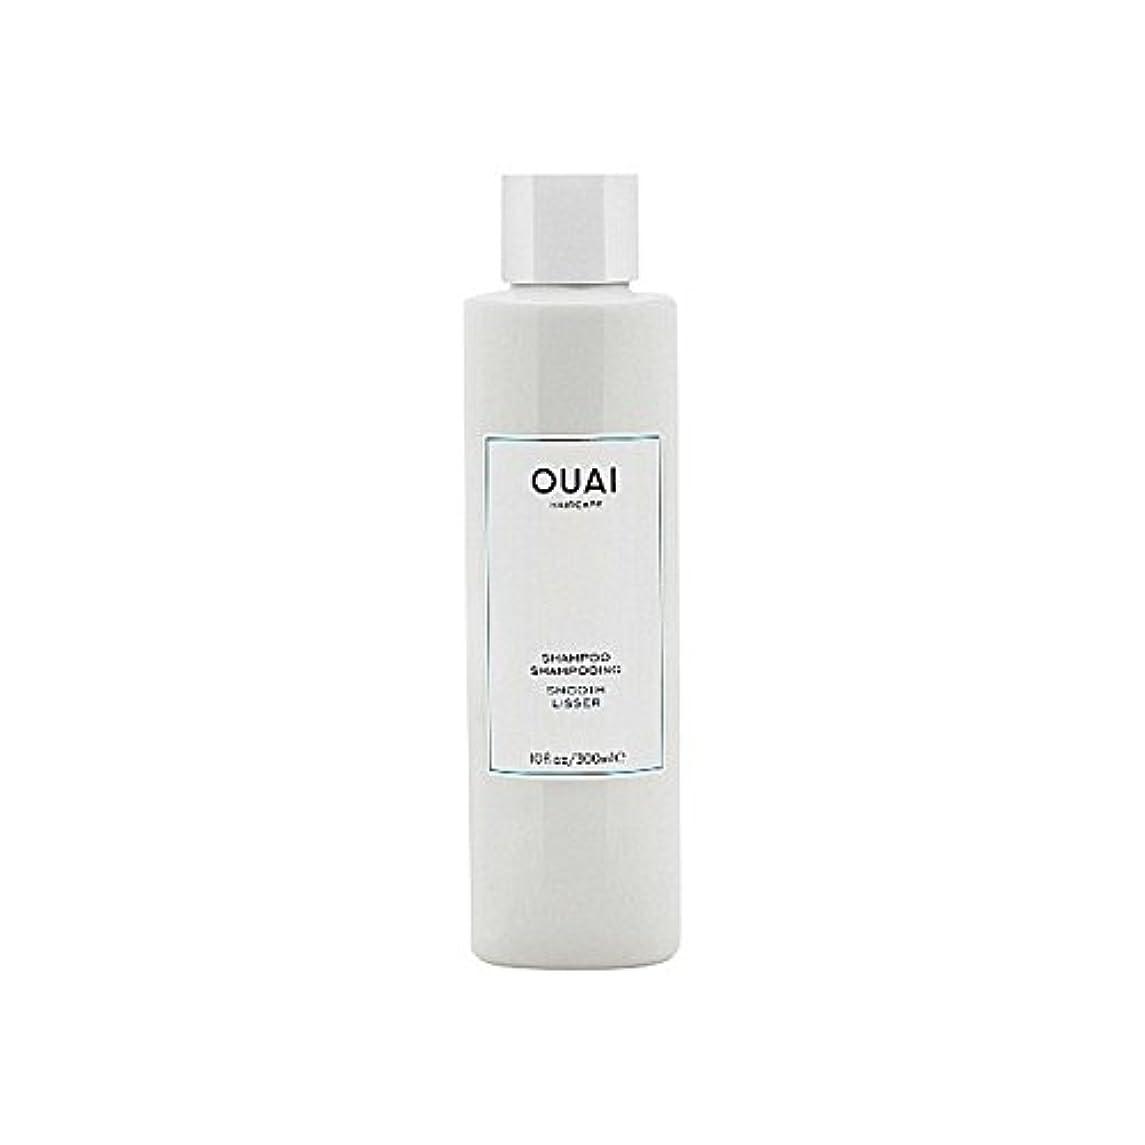 ジュラシックパーク体トーンOuai Smooth Shampoo 300ml (Pack of 6) - スムーズなシャンプー300ミリリットル x6 [並行輸入品]